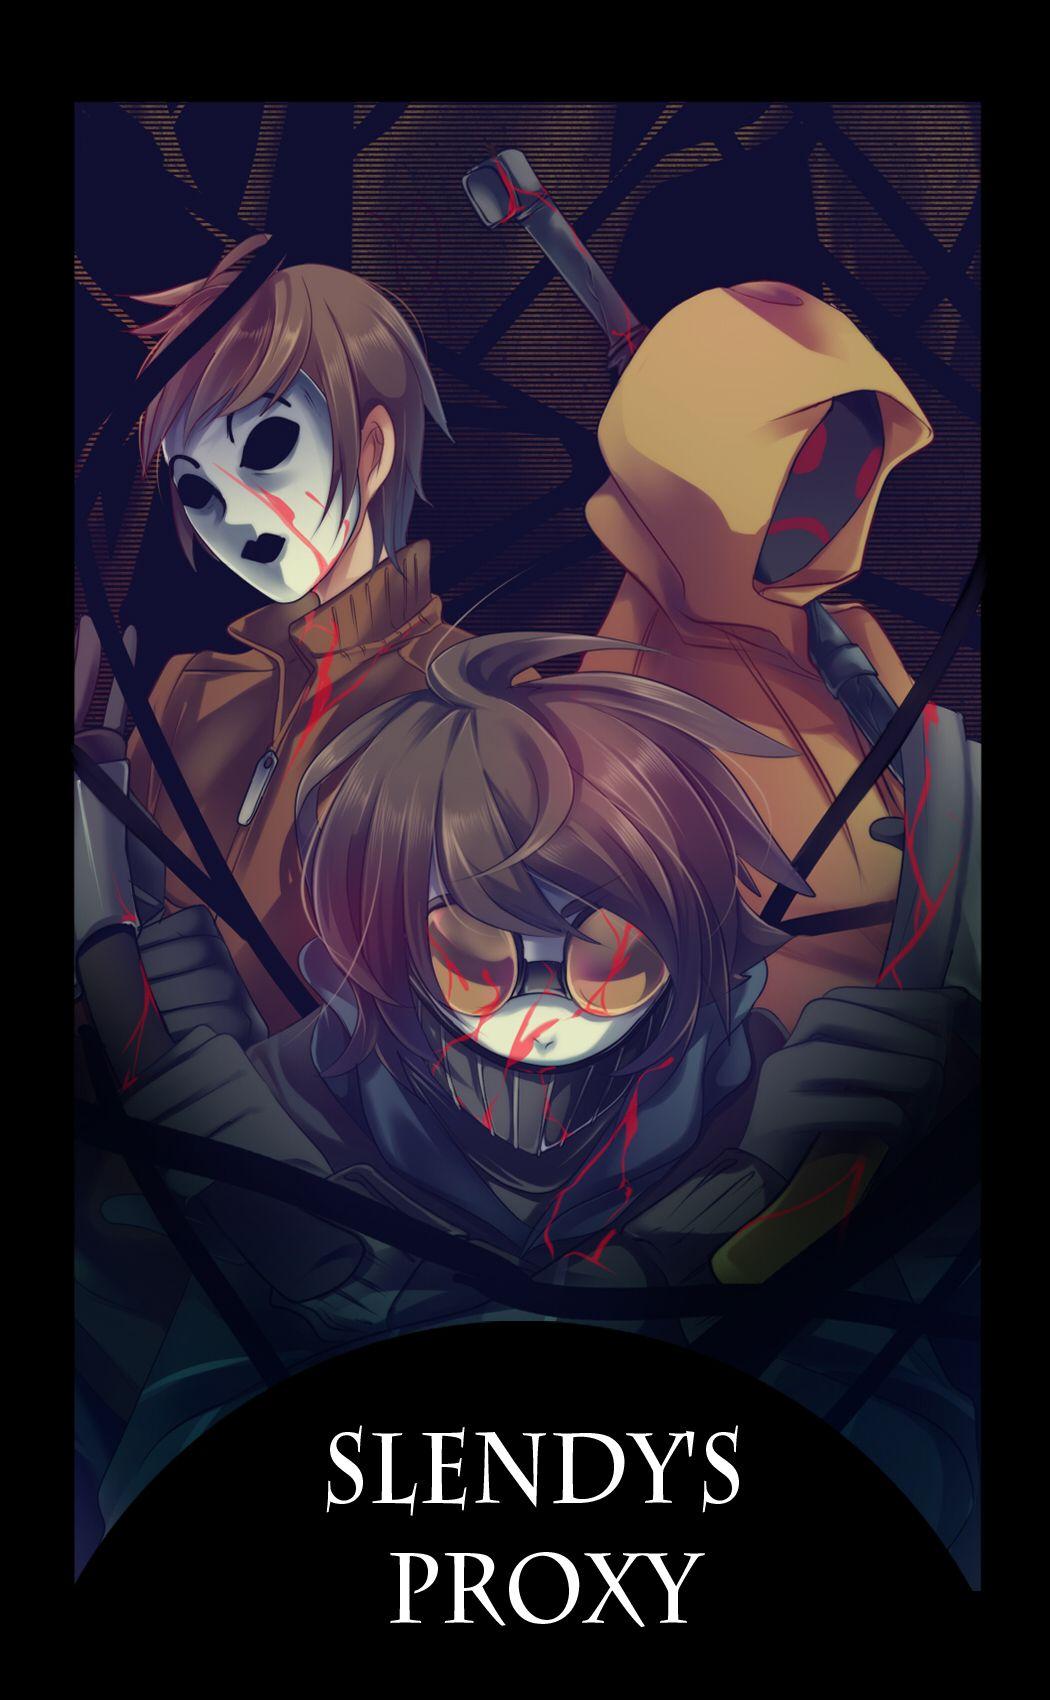 Hoody (Creepypasta) - Zerochan Anime Image Board   anime